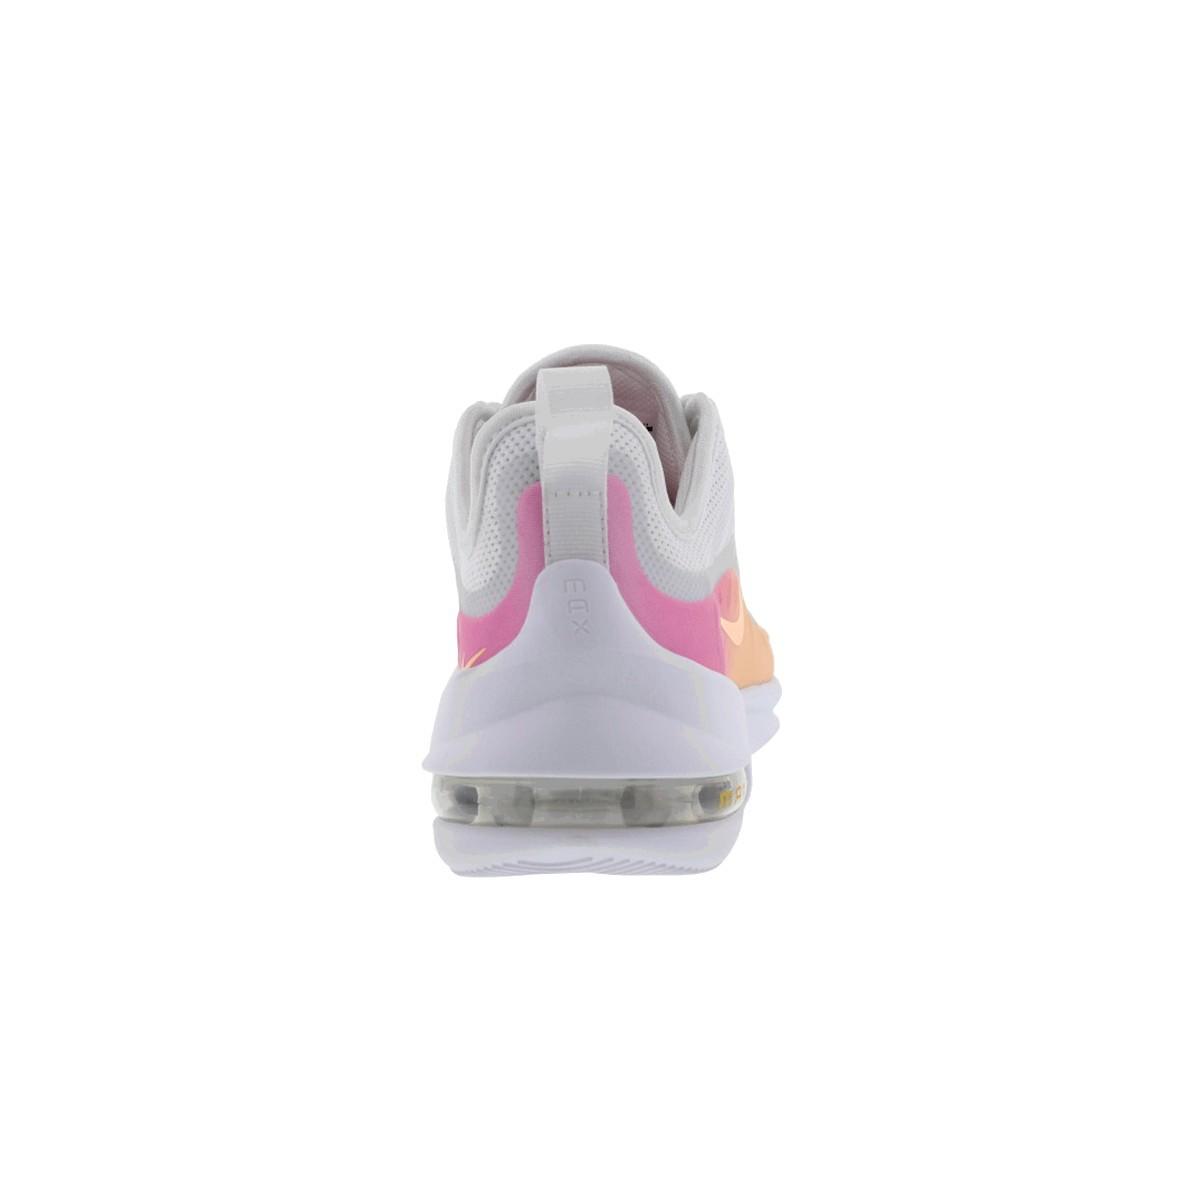 Tênis Nike Air Max Axis Premium Feminino Branco